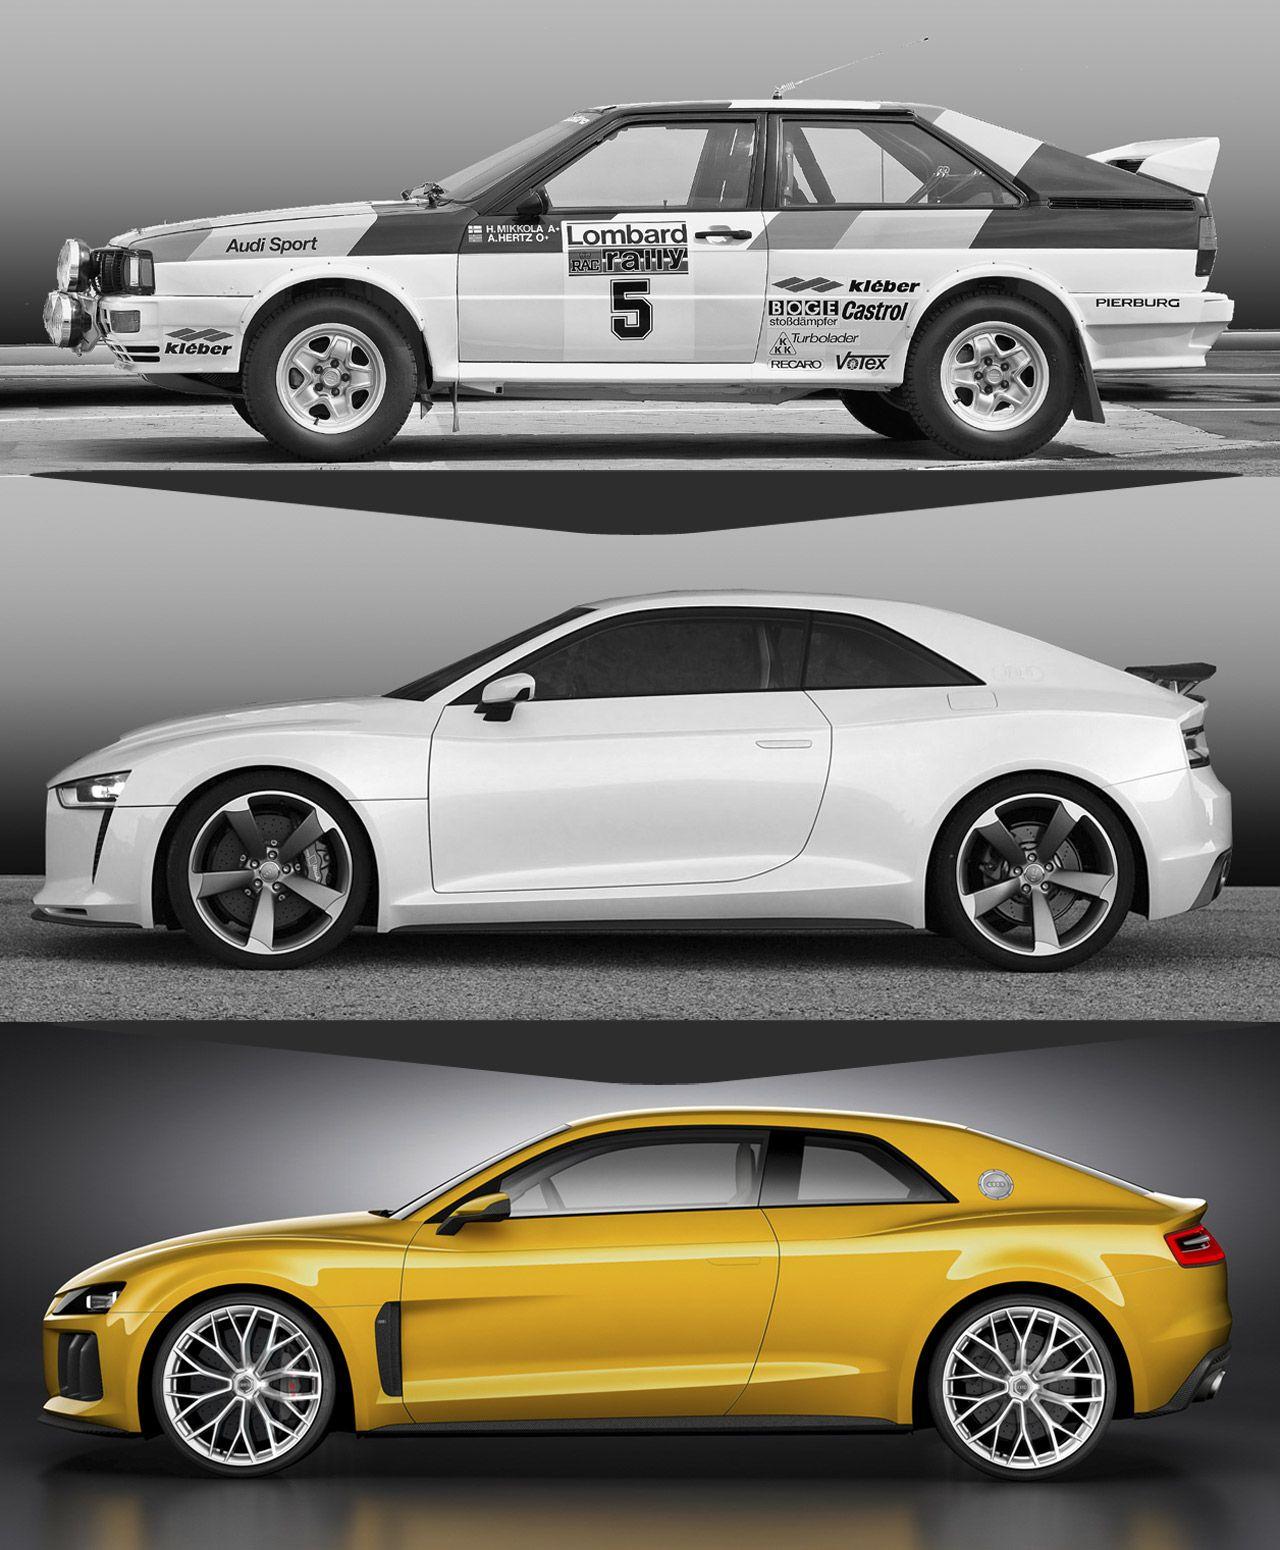 original quattro sport audi quattro concept 2010 audi quattro concept 2013 cars. Black Bedroom Furniture Sets. Home Design Ideas